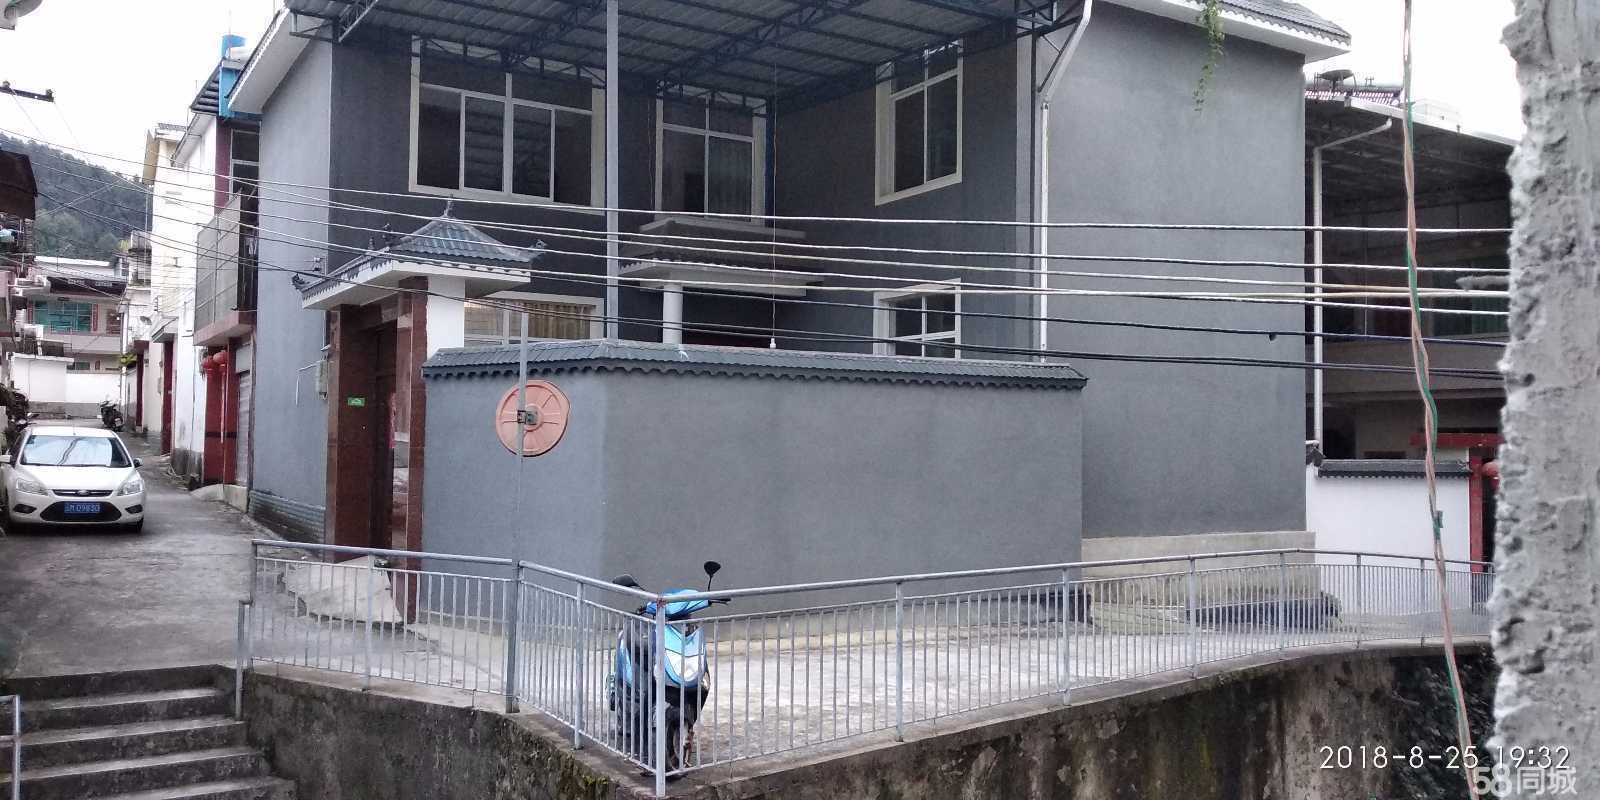 澳门网上投注网站龙华社区松山路庭院式自建房